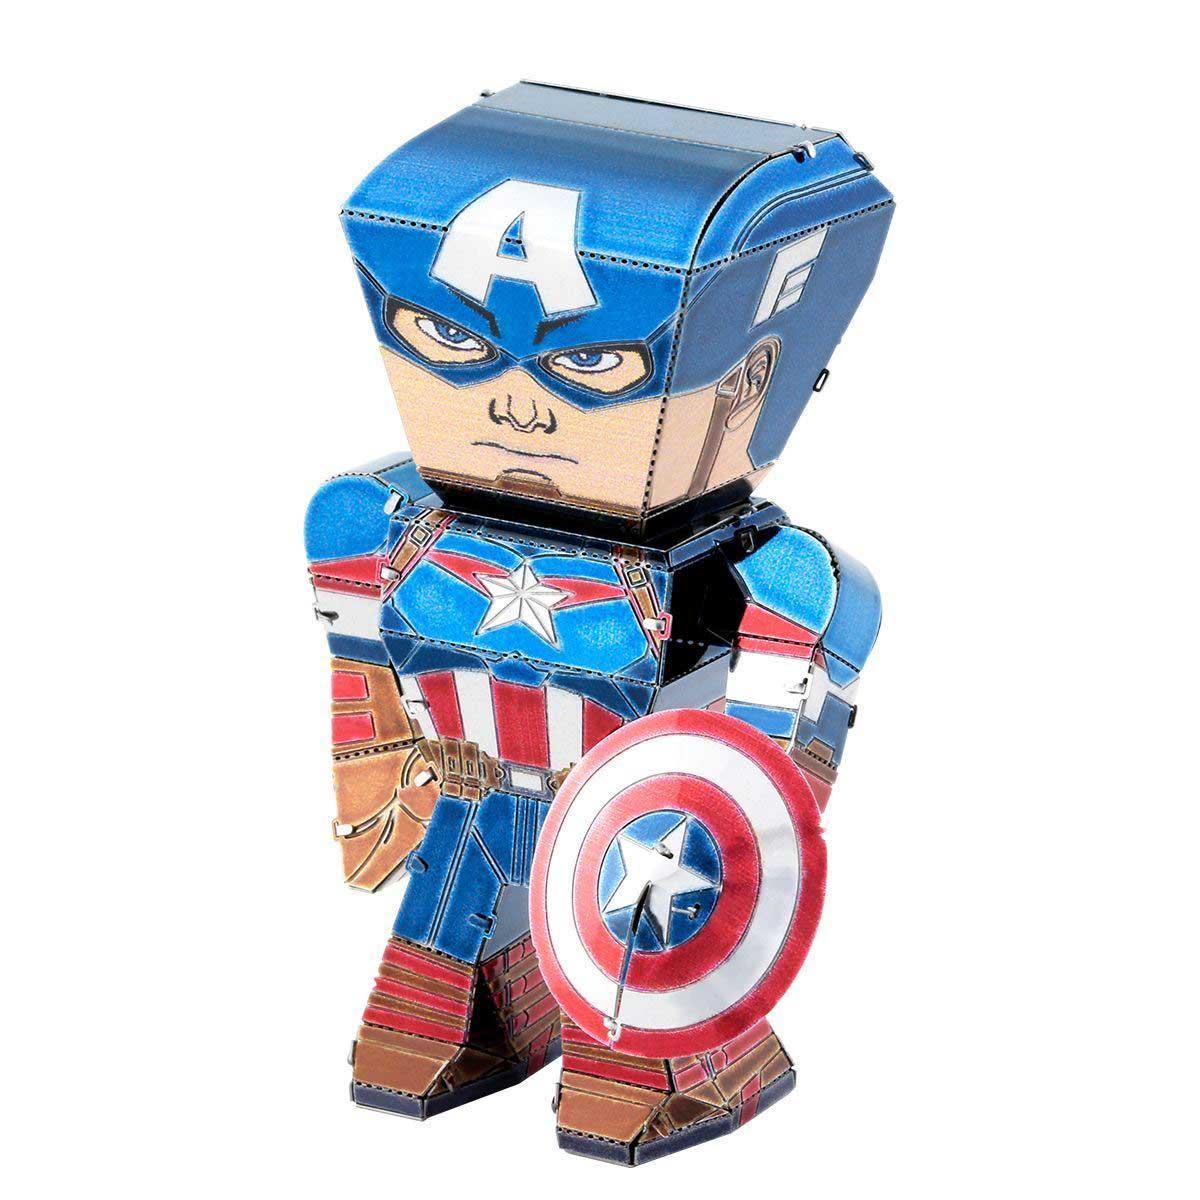 Captain America Movies / Books / TV Metal Puzzles